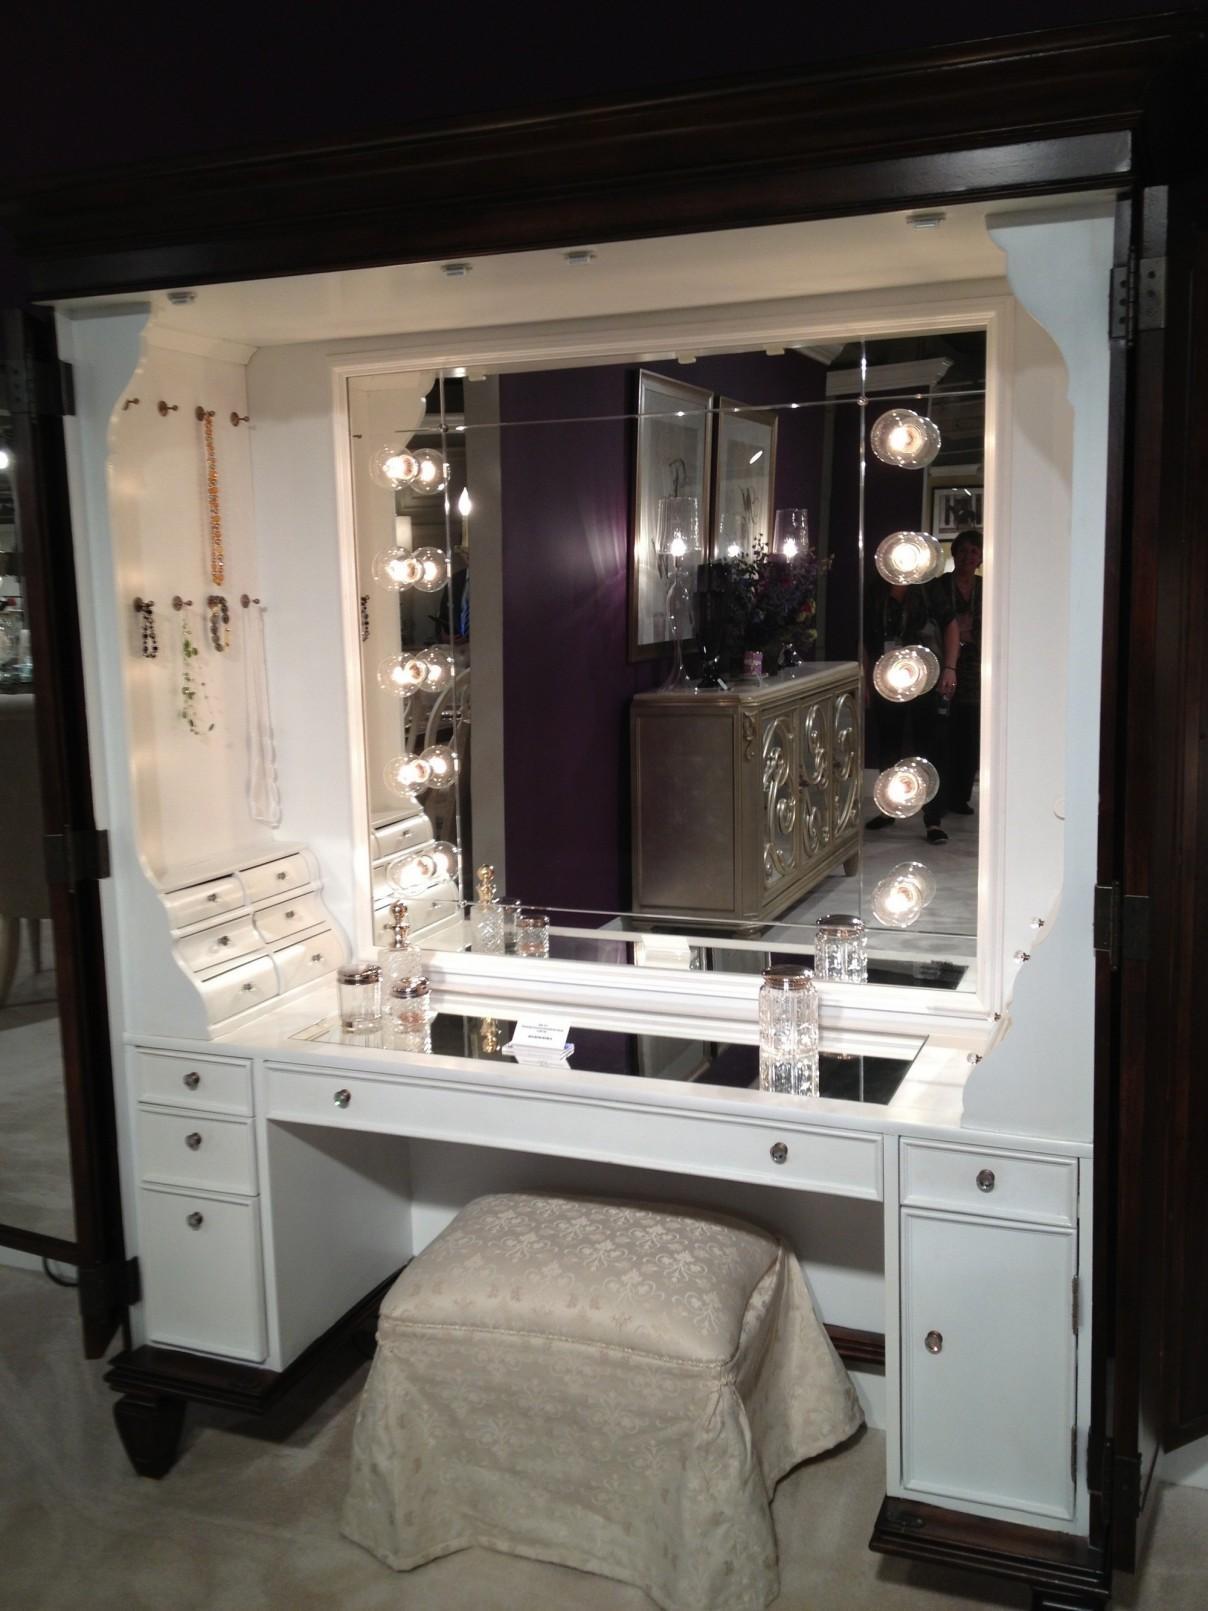 Bedroom Stunning Bedroom Vanity Mirror With Lights Design For Regarding Modern Bedroom Mirrors (View 20 of 20)